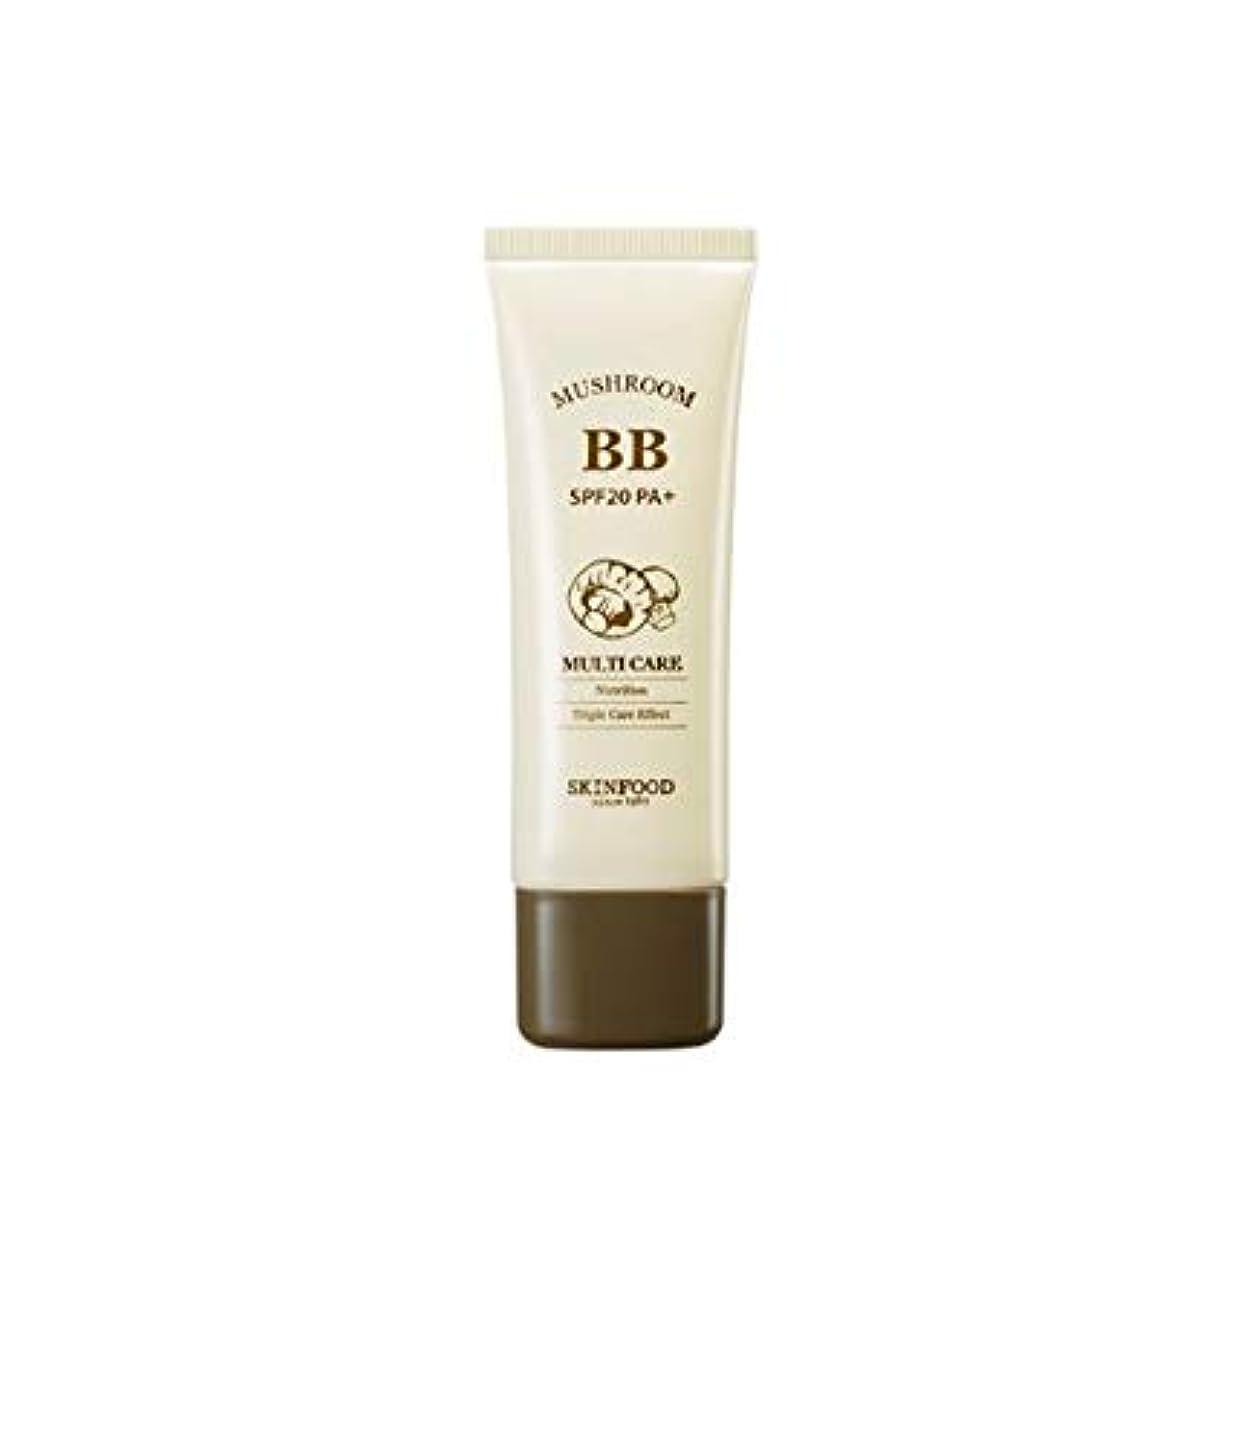 むさぼり食う蜂任命Skinfood マッシュルームマルチケアBBクリームSPF20 PA +#No。 2ナチュラルスキン / Mushroom Multi Care BB Cream SPF20 PA+#No. 2 Natural Skin...